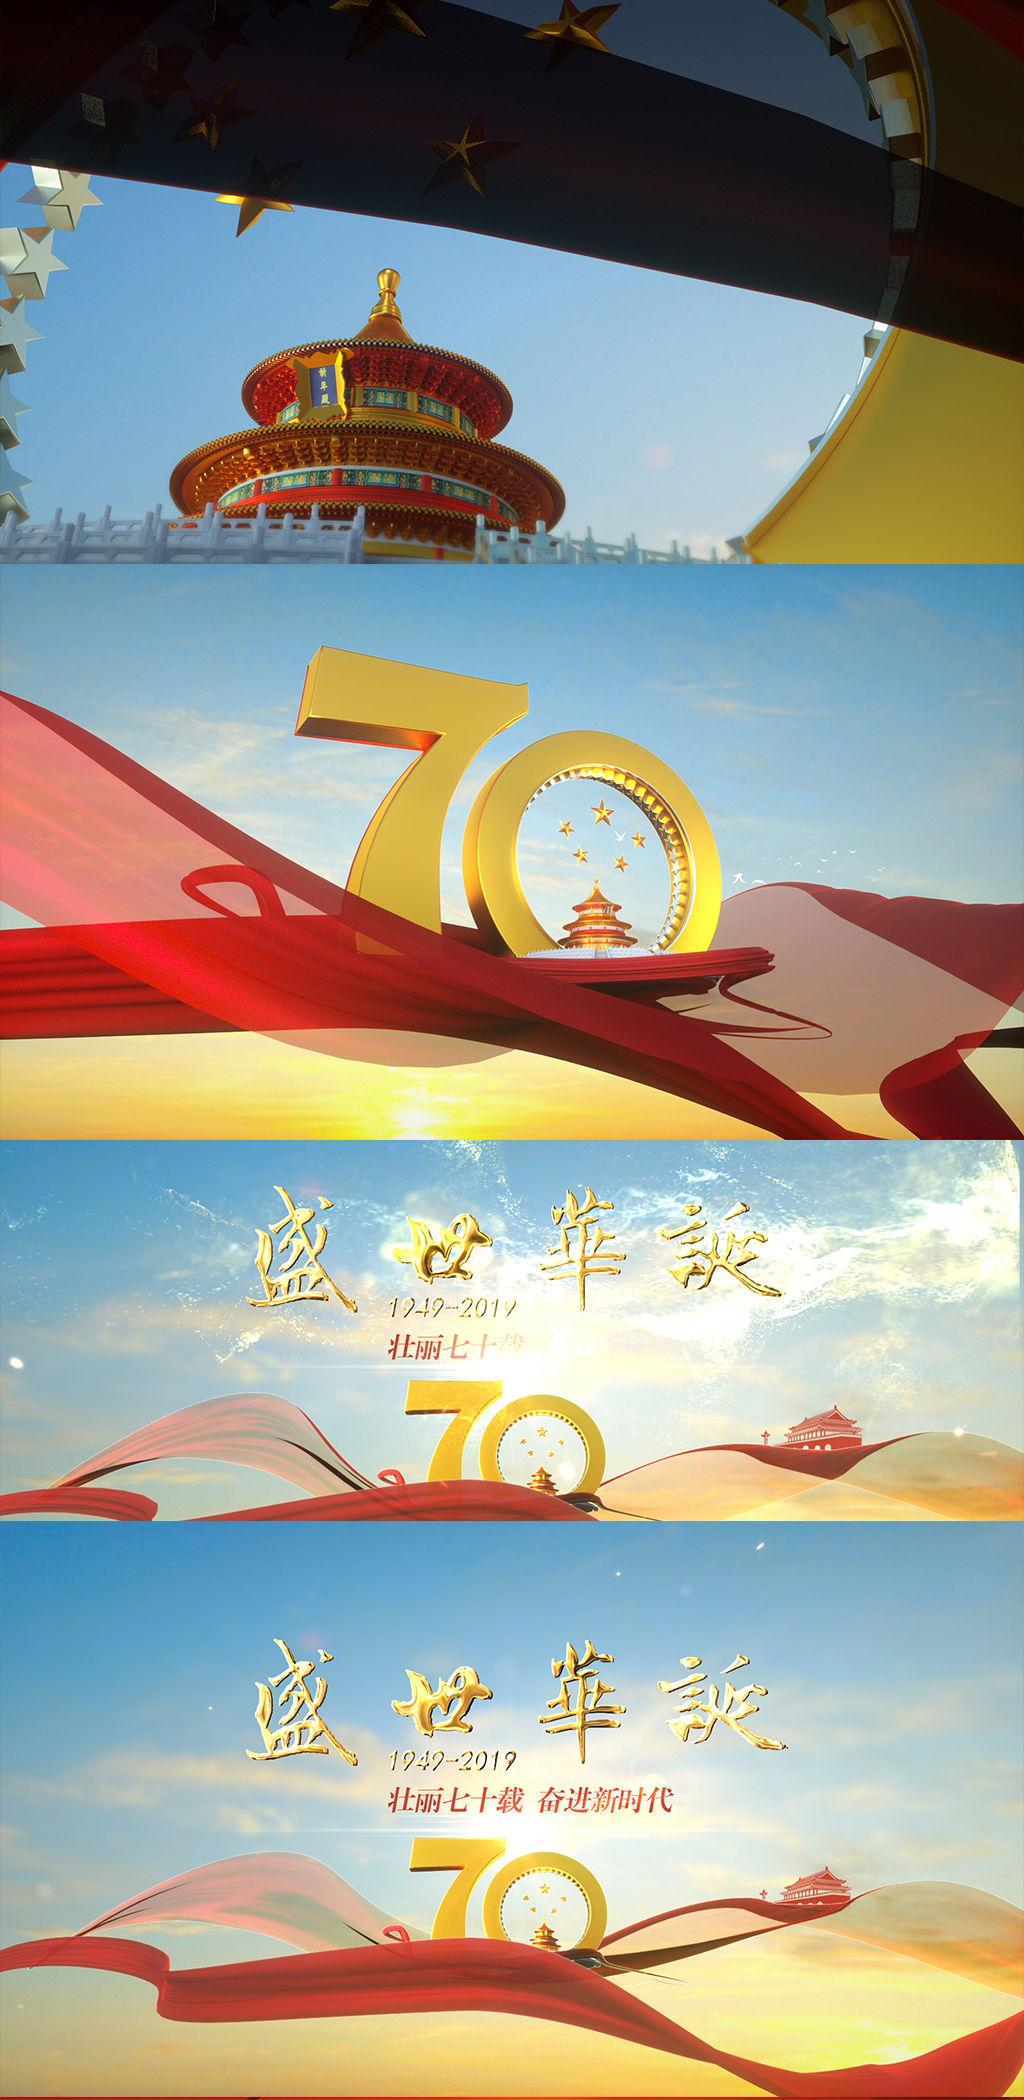 新中国成立70周年震撼唯美片头视频素材